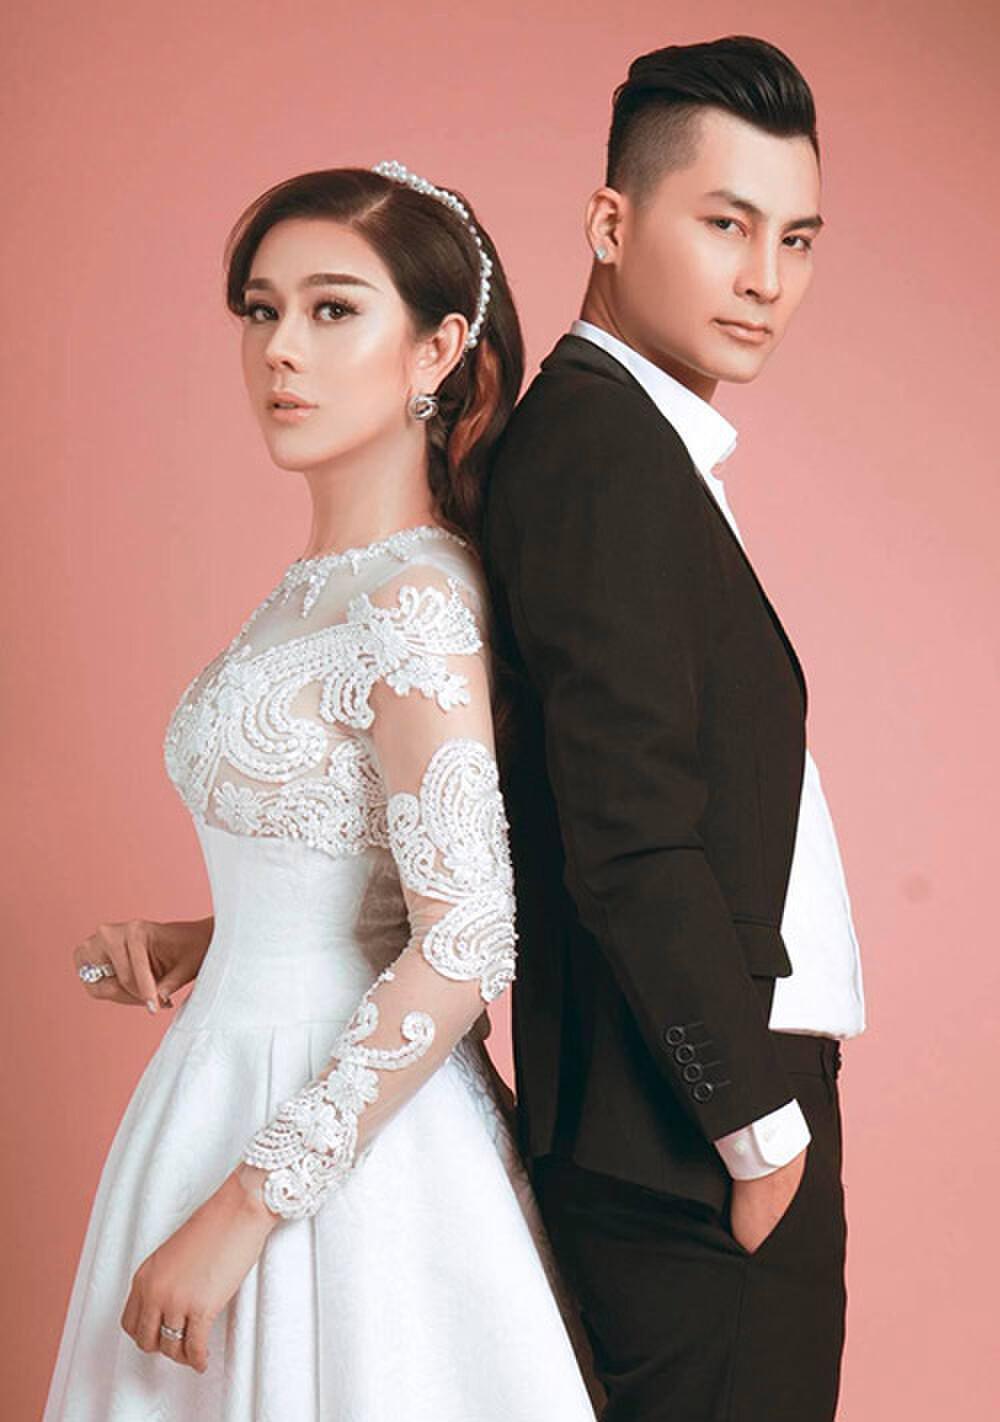 Sau tuyên bố bị 'hư' giọng, Lâm Khánh Chi hé lộ thêm lí do không nhận show nhiều Ảnh 3